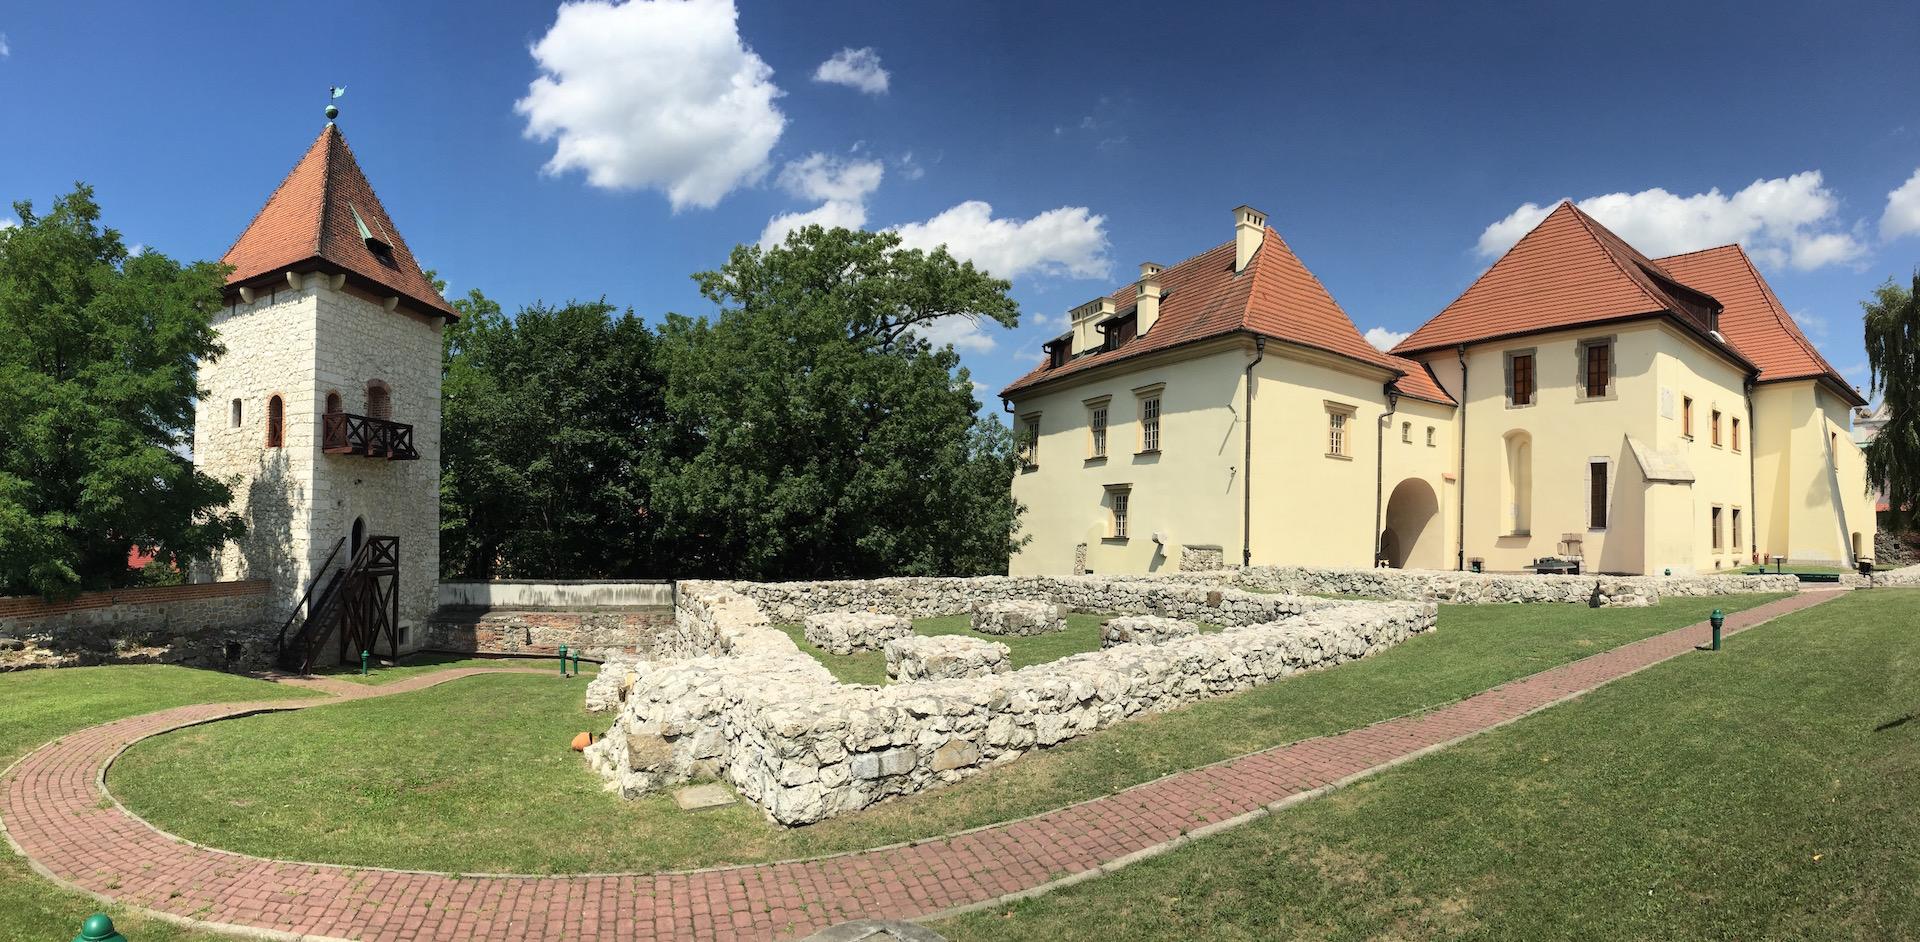 Zamek Żupny, Muzeum Żup Krakowskich Wieliczka